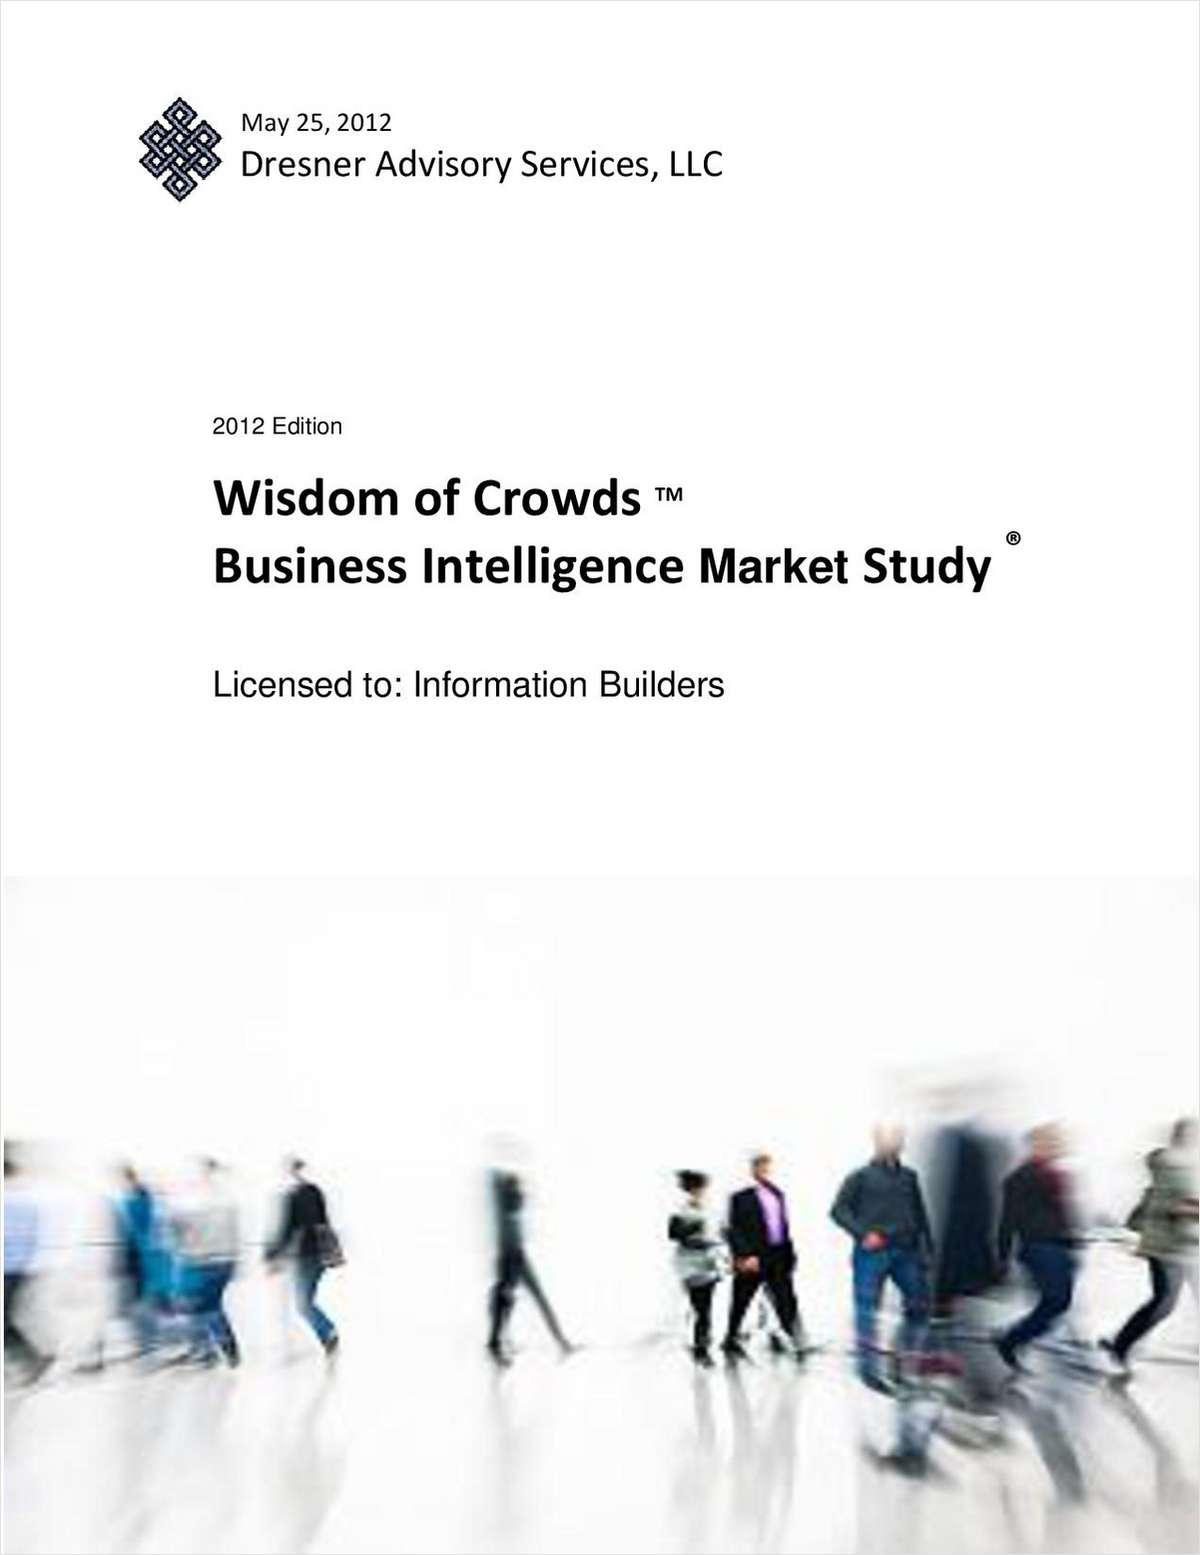 Wisdom of Crowds™ Business Intelligence Market Study®, 2012